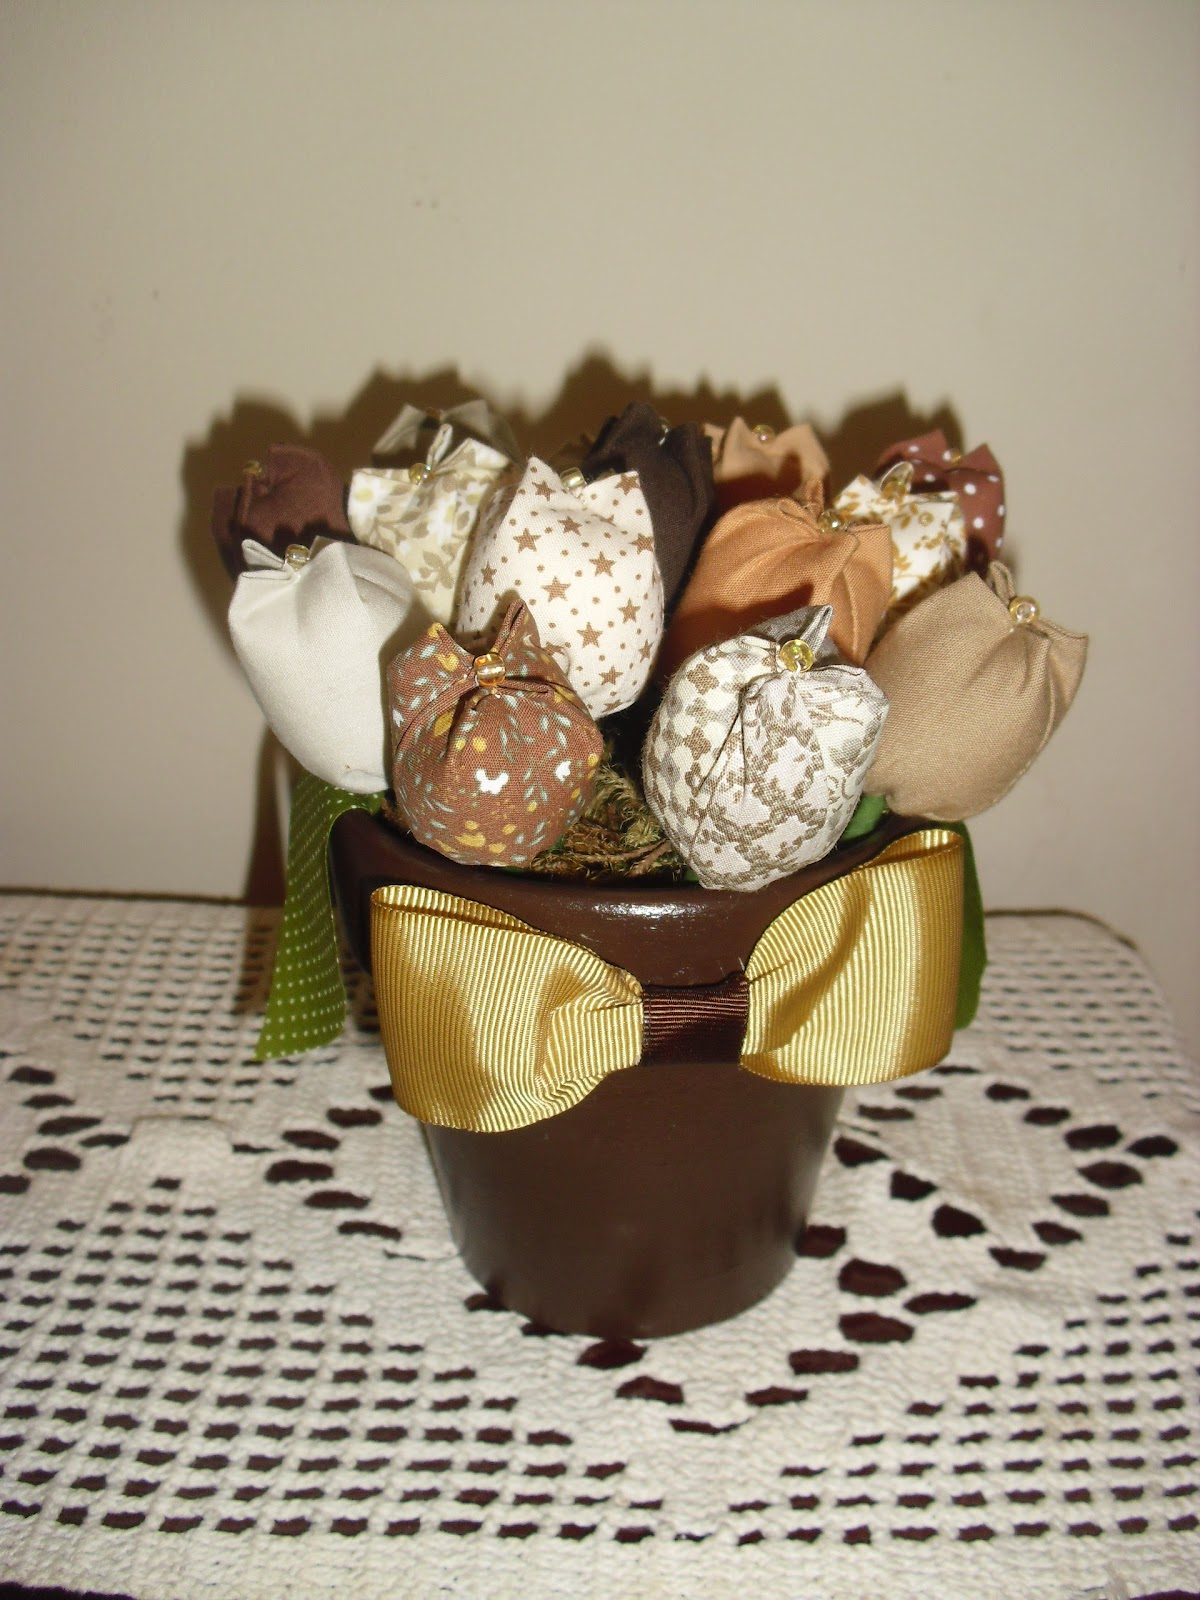 #50591E Aline fazendo arte: Flores de tecido Tulipas enfeite de mesa. 1200x1600 px enfeite para mesa de madeira @ bernauer.info Móveis Antigos Novos E Usados Online